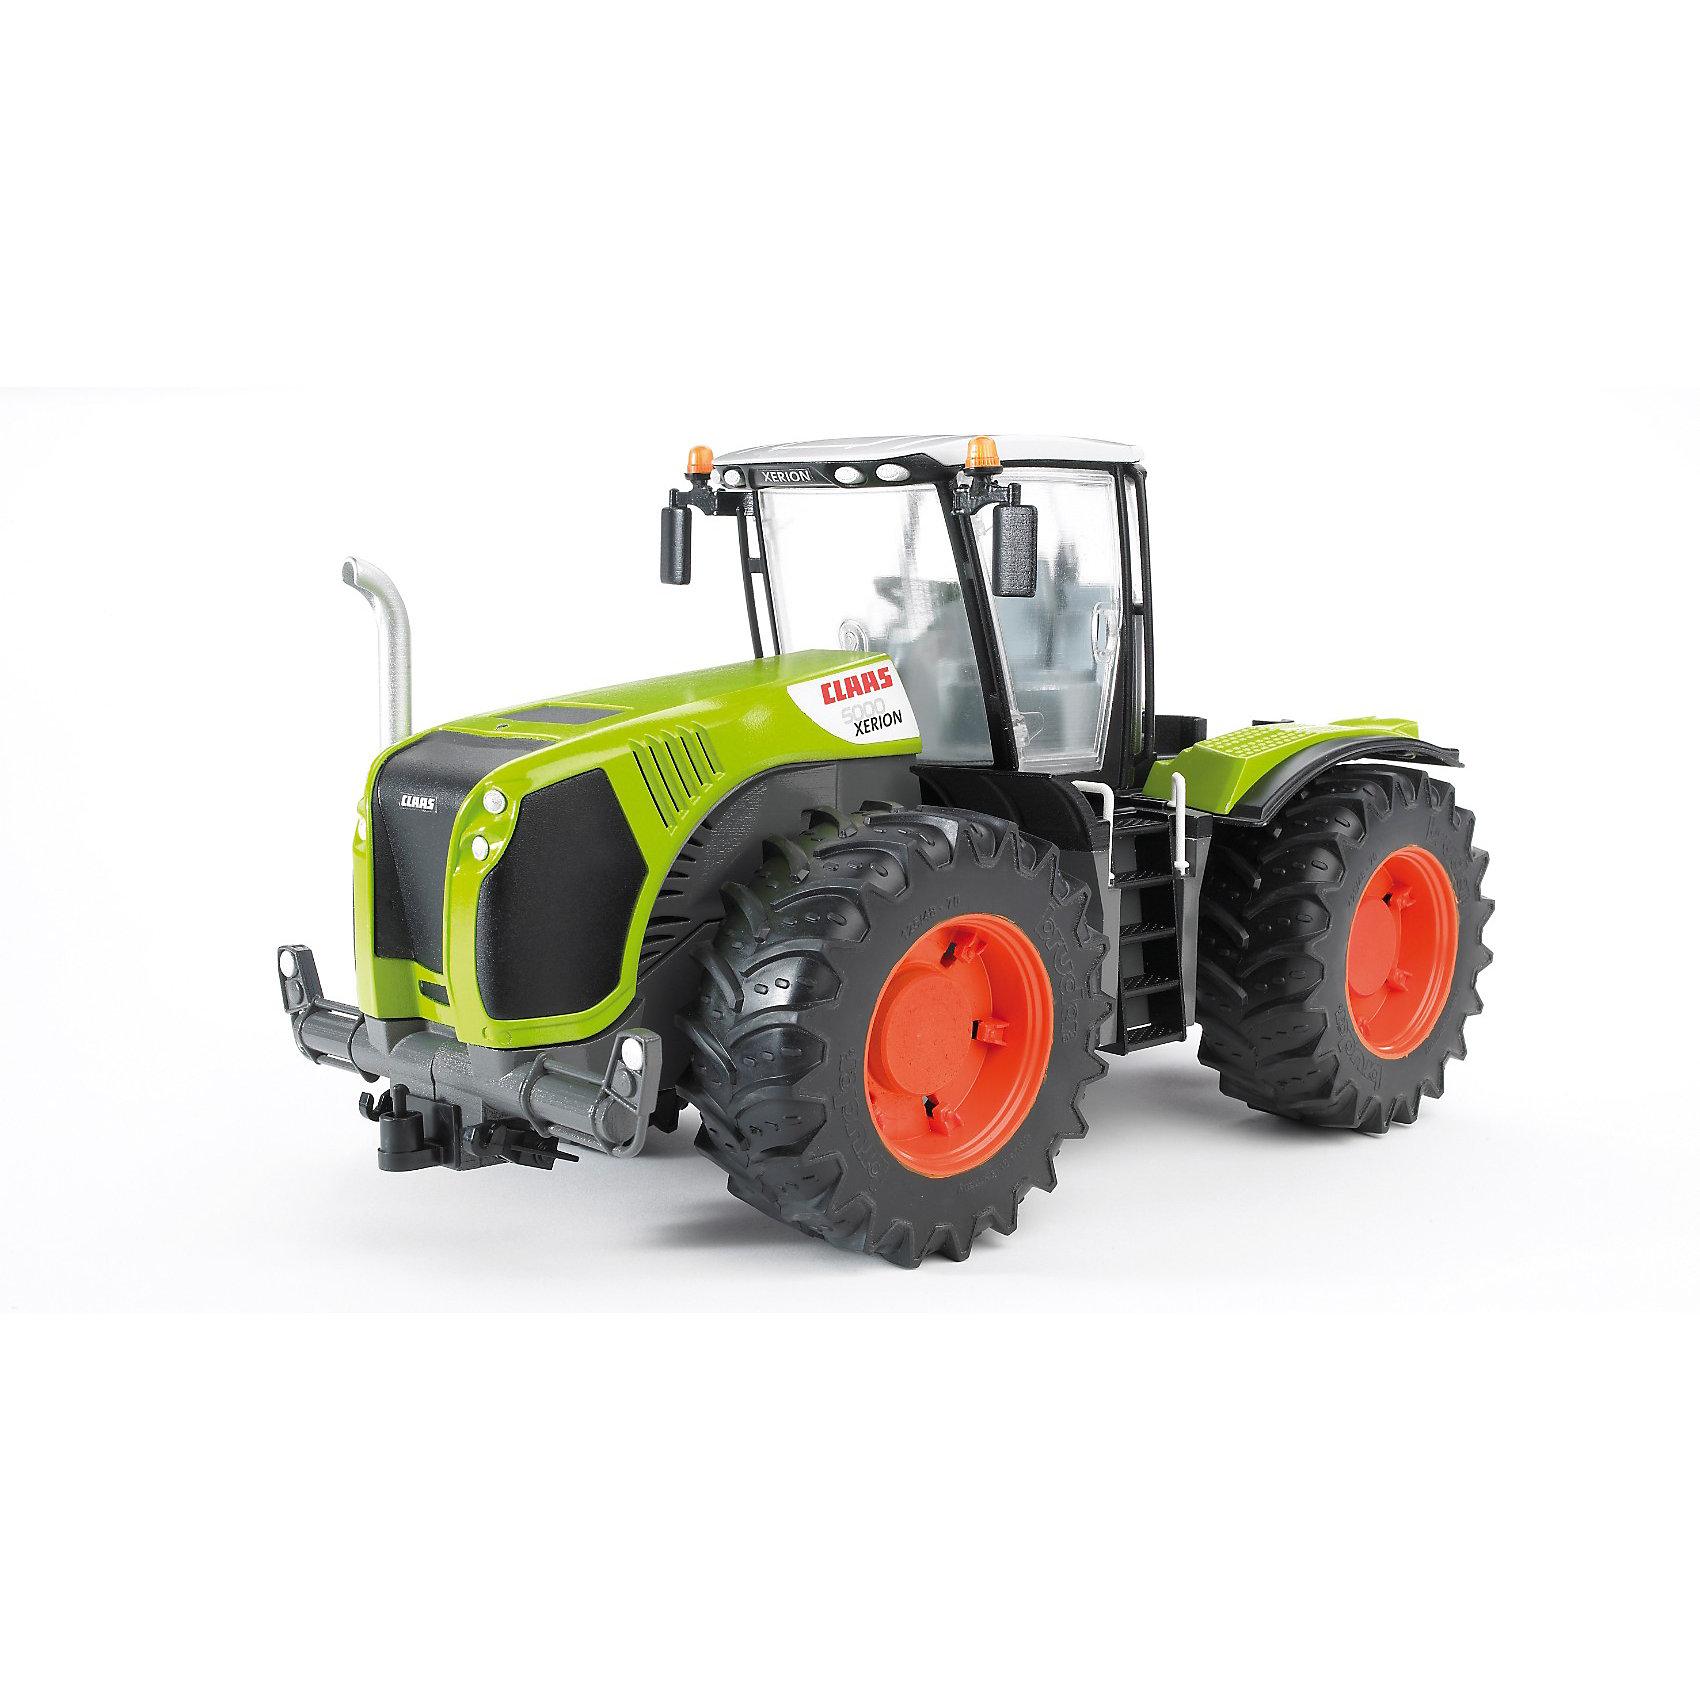 Трактор Claas Xerion 5000 с поворачивающейся кабиной, BruderКоллекционные модели<br>Трактор Claas Xerion 5000 Bruder (Брудер) с поворачивающейся кабиной позволит ребенку в деталях изучить особенности устройства дорожно-строительной техники и станет незаменимой в играх на строительную тематику.<br><br>Кабина трактора оборудована вращающимся рулем (управляет передними колесами), креслом и декоративными рычагами управления, двери кабины открываются. Кабина поворачивается на 180°. Трактором можно рулить как изнутри кабины, так и снаружи с помощью рулевого стержня через люк на крыше кабины. Капот открывается, предоставляя доступ к мотору.<br><br>Передняя часть трактора имеет съемную деталь для установки и крепления на корпус дополнительного навесного оборудования (косилки, ковша, плуга, бороны или прицепа). Сзади у трактора имеется механизм поднятия фаркопа (прицепного устройства). Вращая небольшую ручку, можно поднять или опустить его на нужную для сцепки высоту (прицеп будет надёжно закреплён).<br><br>Широкие колёса с крупным протектором из резины обеспечивает надежный ход машины. На обеих осях машины есть амортизаторы.<br><br>Дополнительная информация:<br><br>- Материал: высококачественный пластик, резина. <br>- Размер машины: 42 х 19 х 22,5 см. <br>- Размер упаковки: 20 х 50 х 25 см. <br>- Вес: 1,61 кг.<br><br>Трактор Claas Xerion 5000 Bruder можно купить в нашем интернет-магазине.<br><br>Ширина мм: 469<br>Глубина мм: 203<br>Высота мм: 243<br>Вес г: 1612<br>Возраст от месяцев: 36<br>Возраст до месяцев: 96<br>Пол: Мужской<br>Возраст: Детский<br>SKU: 2146016